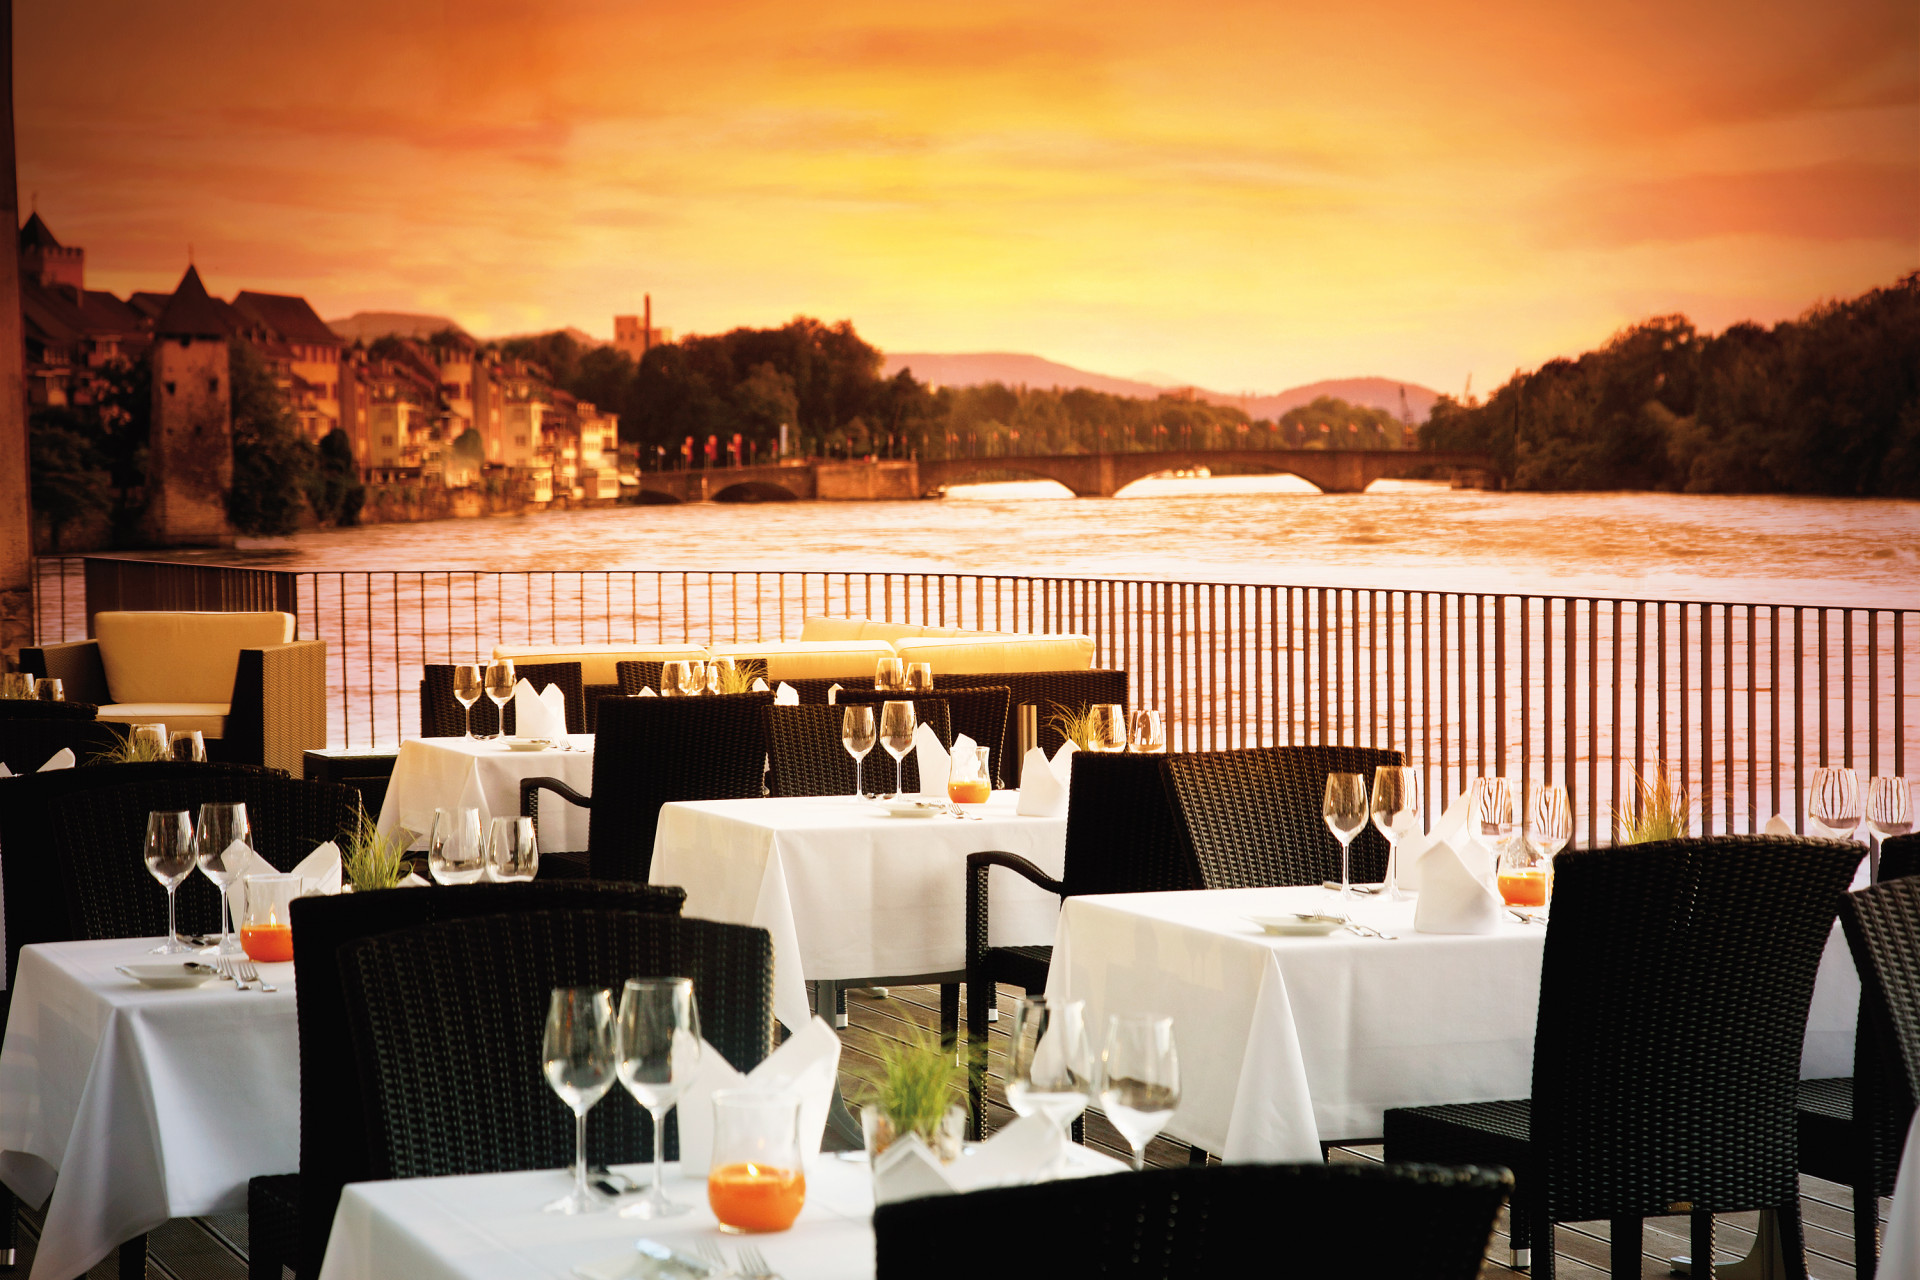 Abendstimmung mit orangem Himmel auf eingedeckter Rheinterrasse ohne Gäste